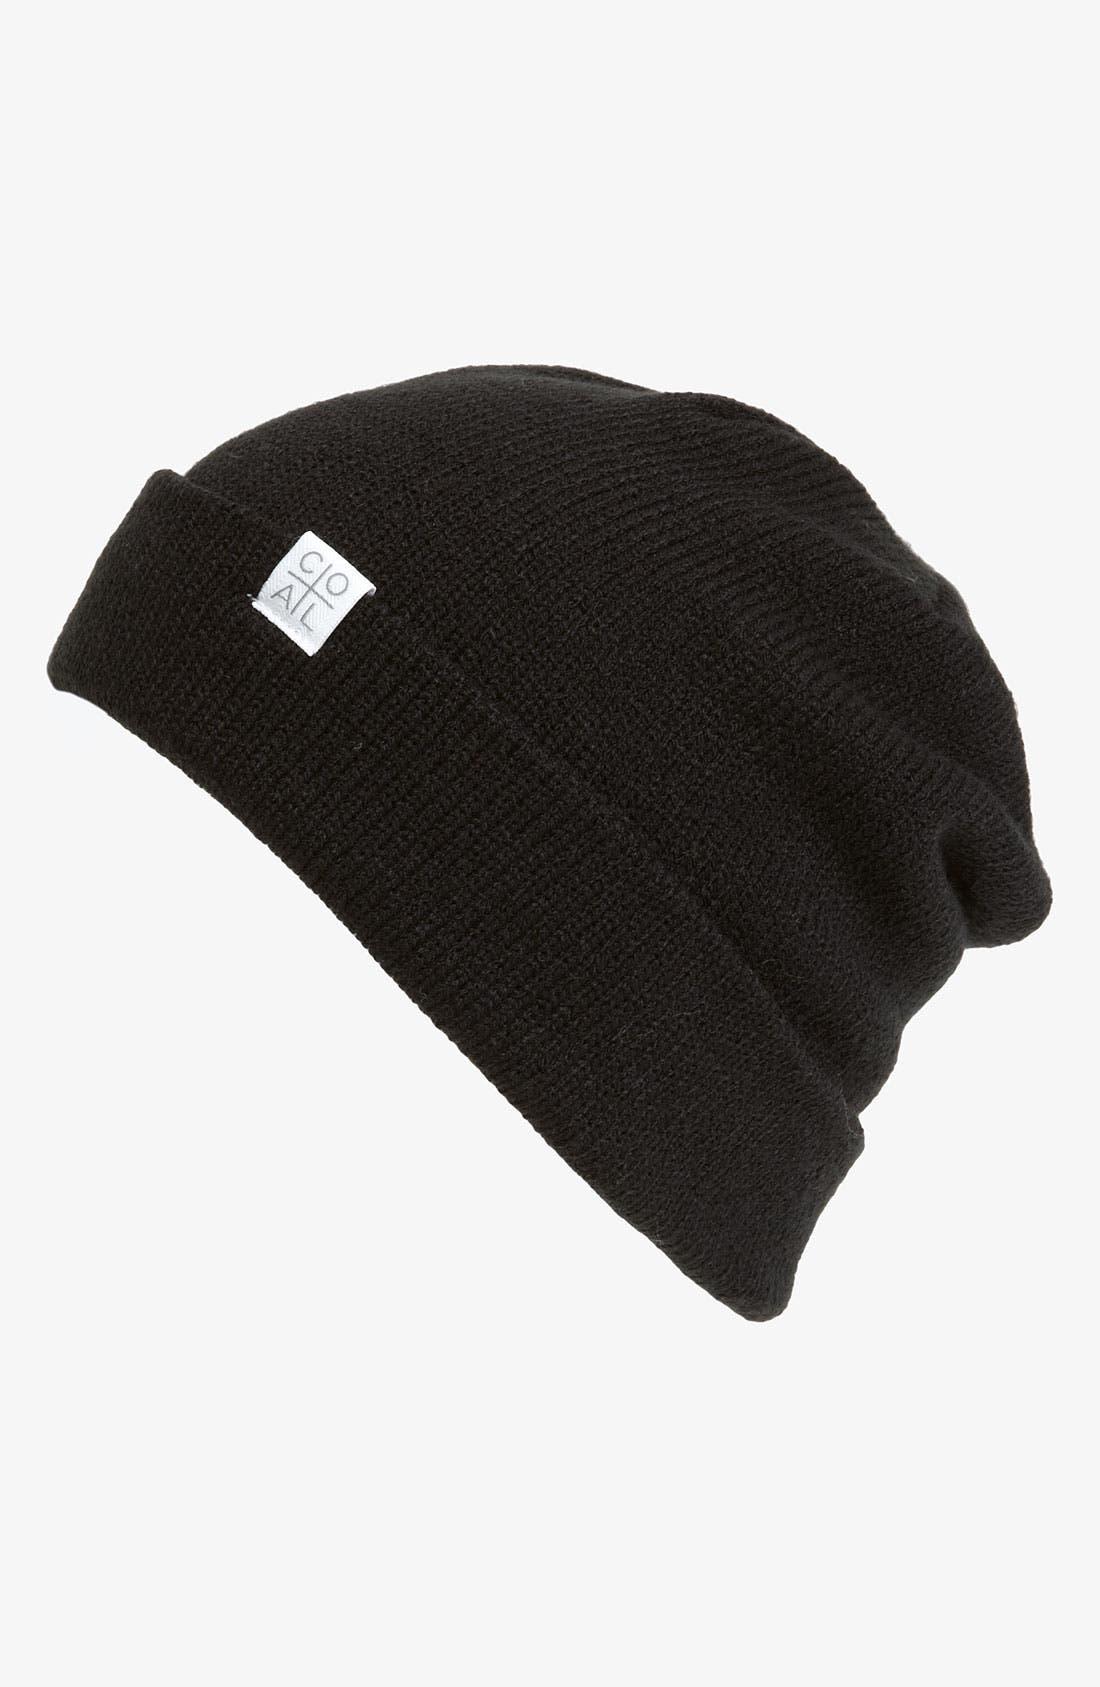 Alternate Image 1 Selected - Coal Knit Cap